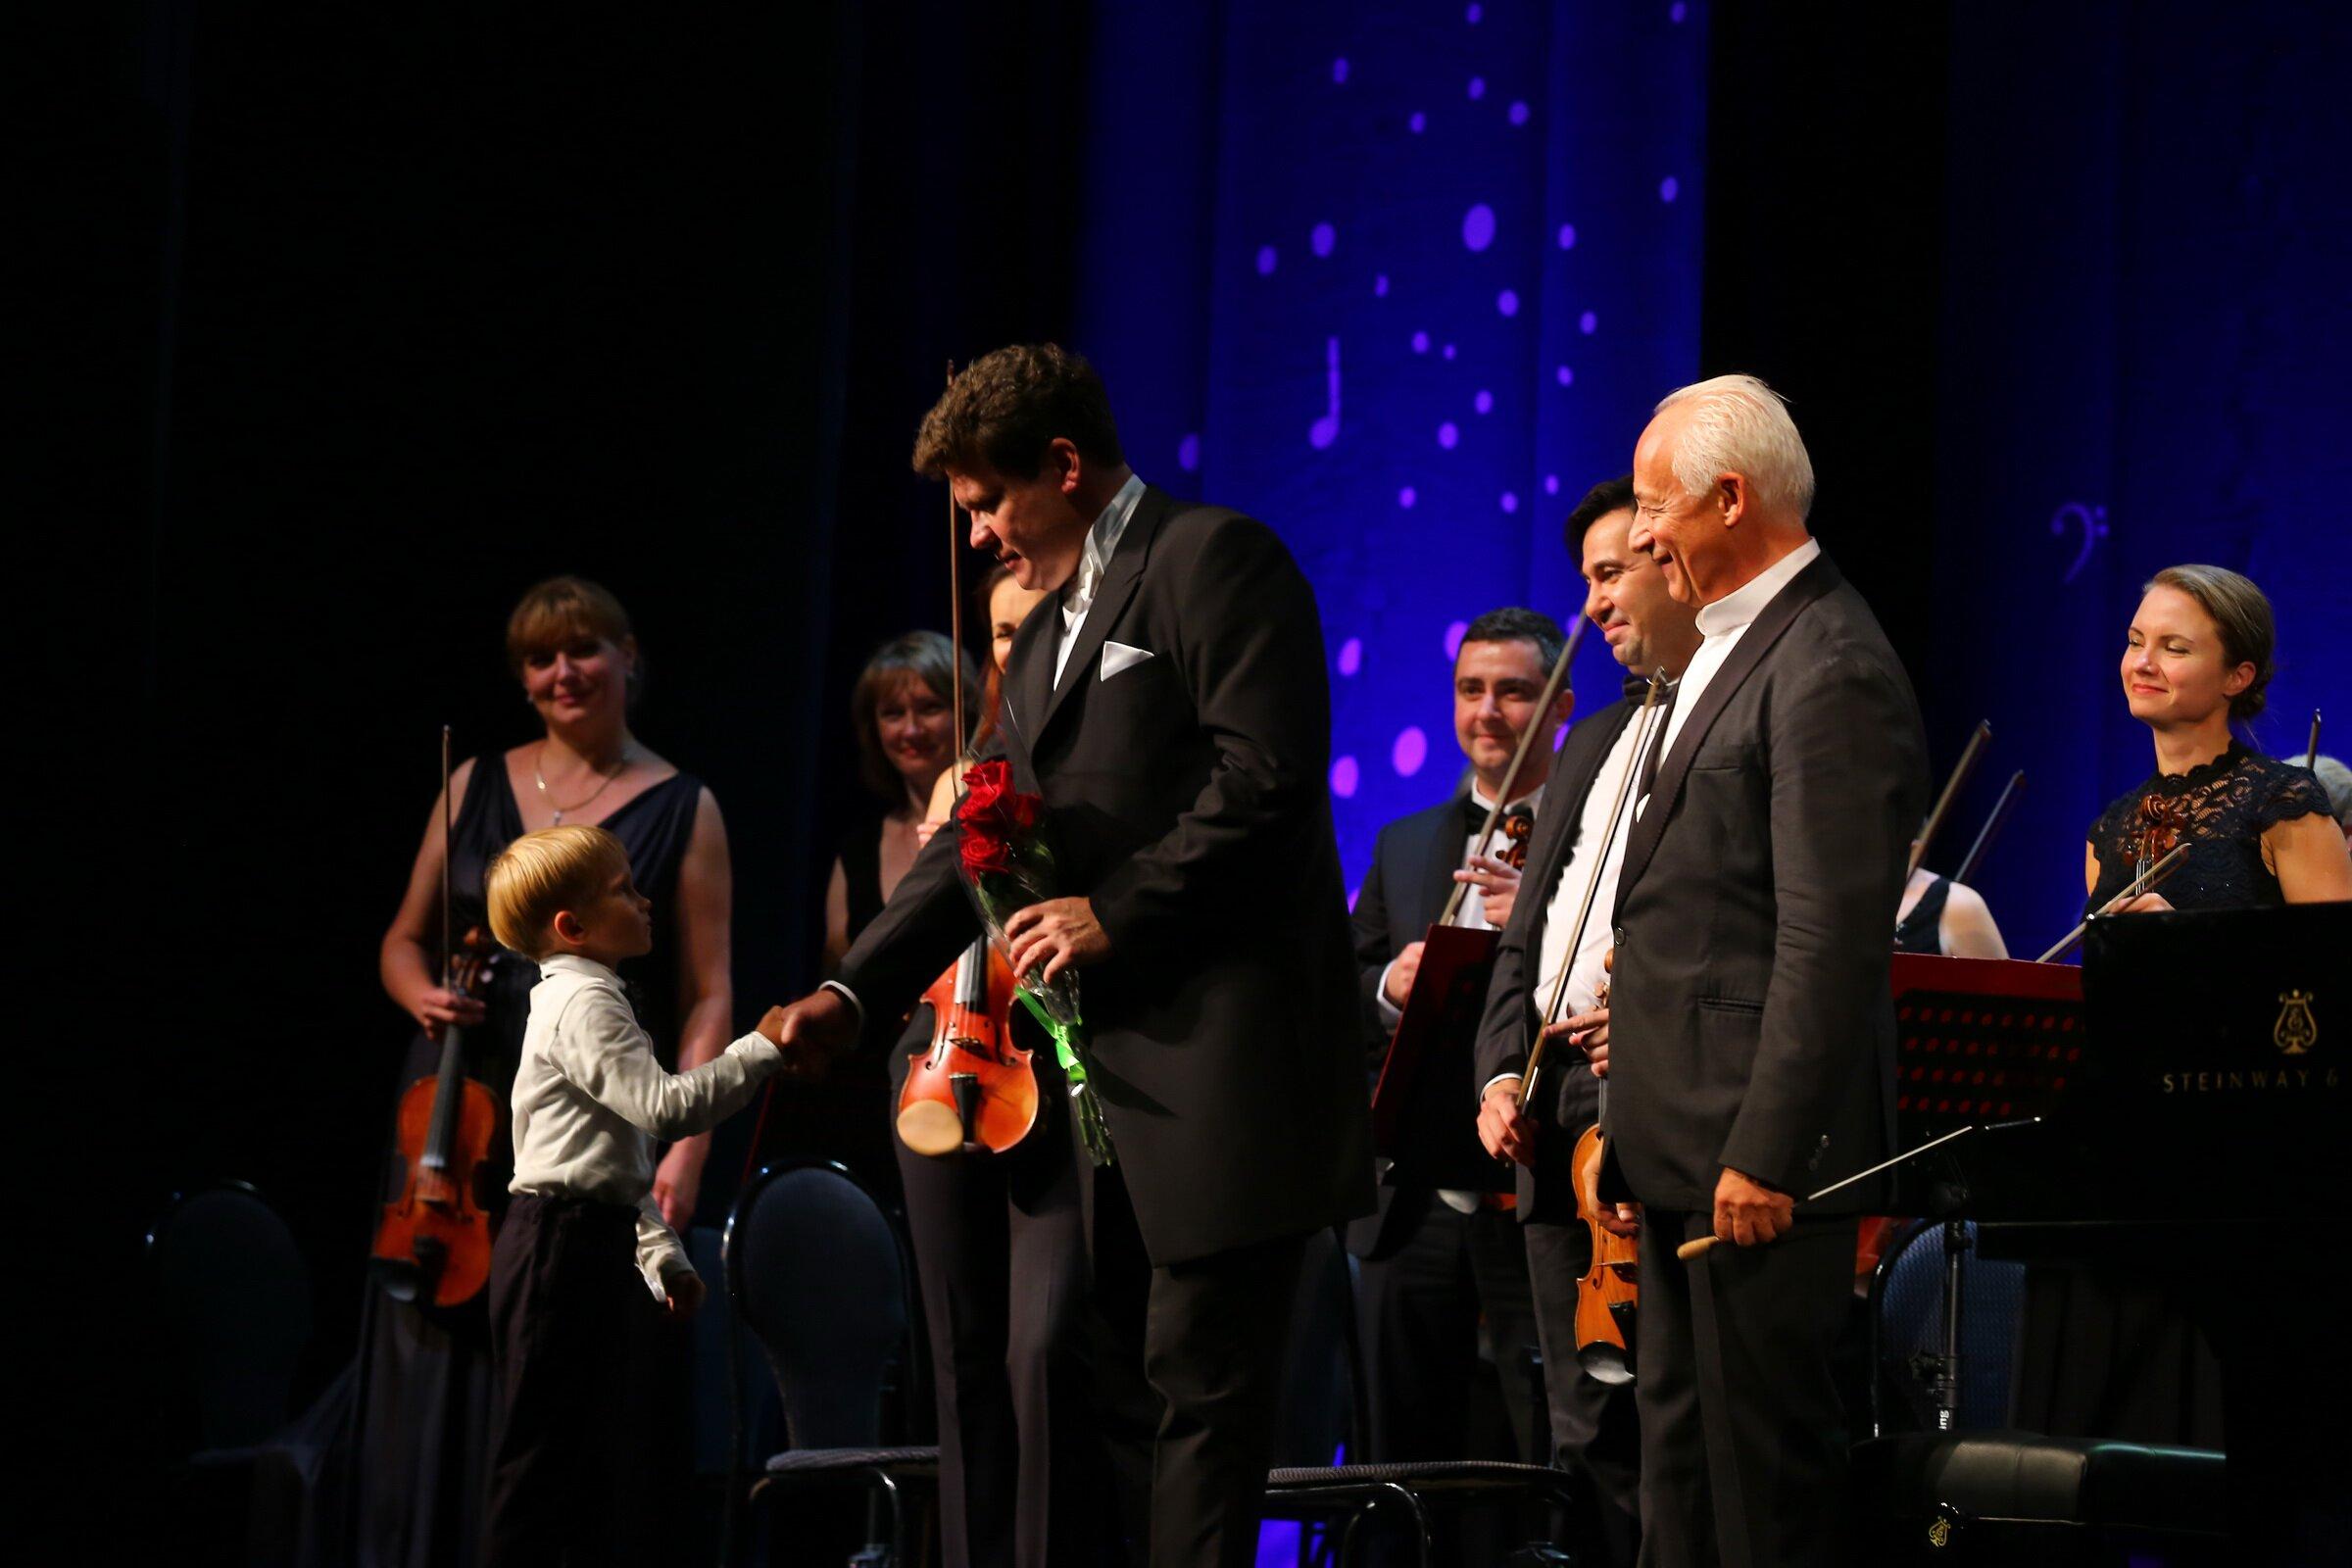 В Иркутске открылся 13-й международный музыкальный фестиваль «Звезды наБайкале». Фото - Андрей Фёдоров